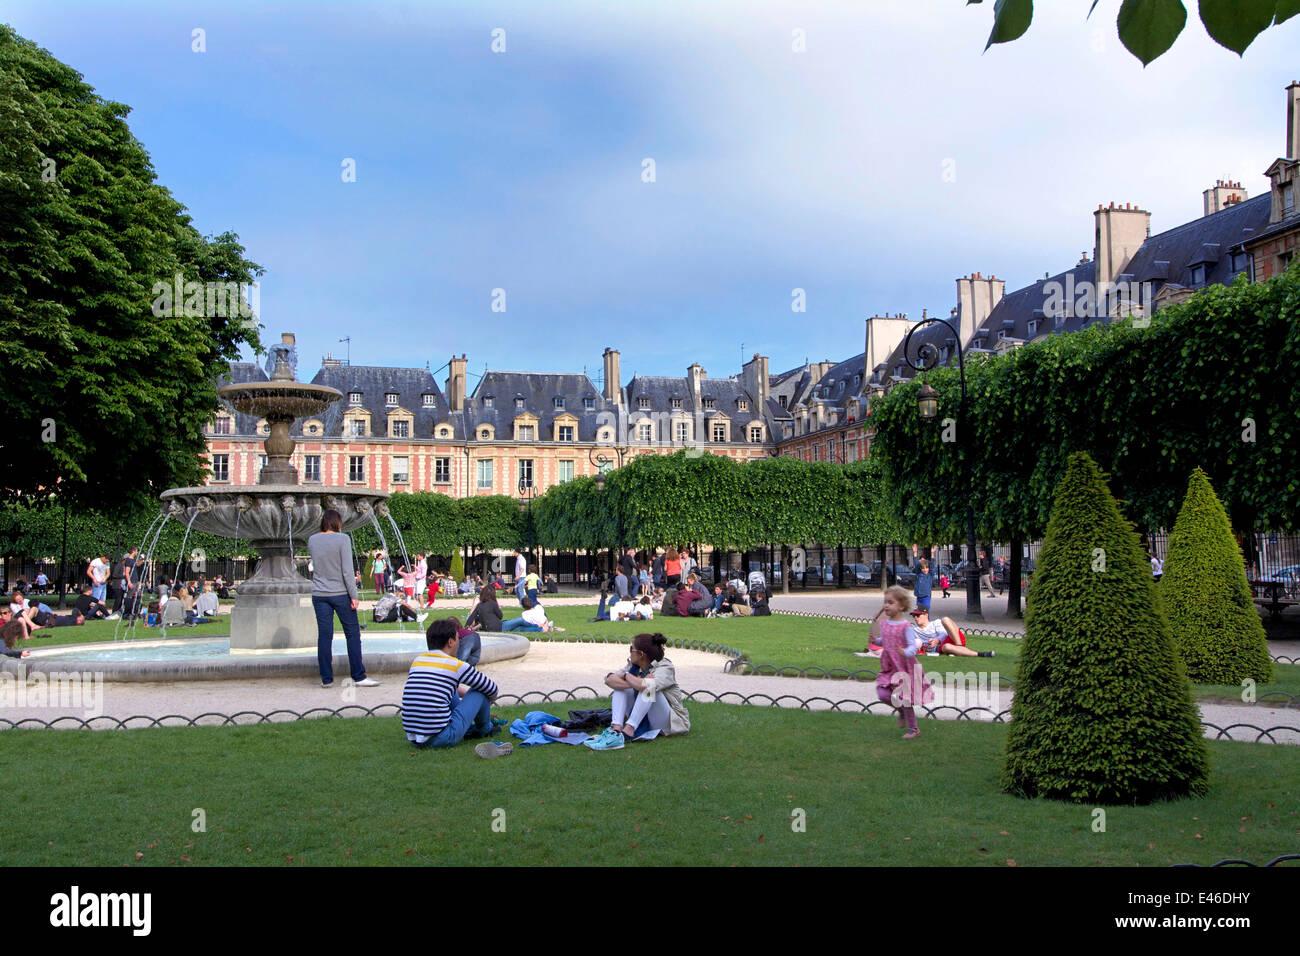 Place des Vosges mit Touristen, Paris, Frankreich Stockbild